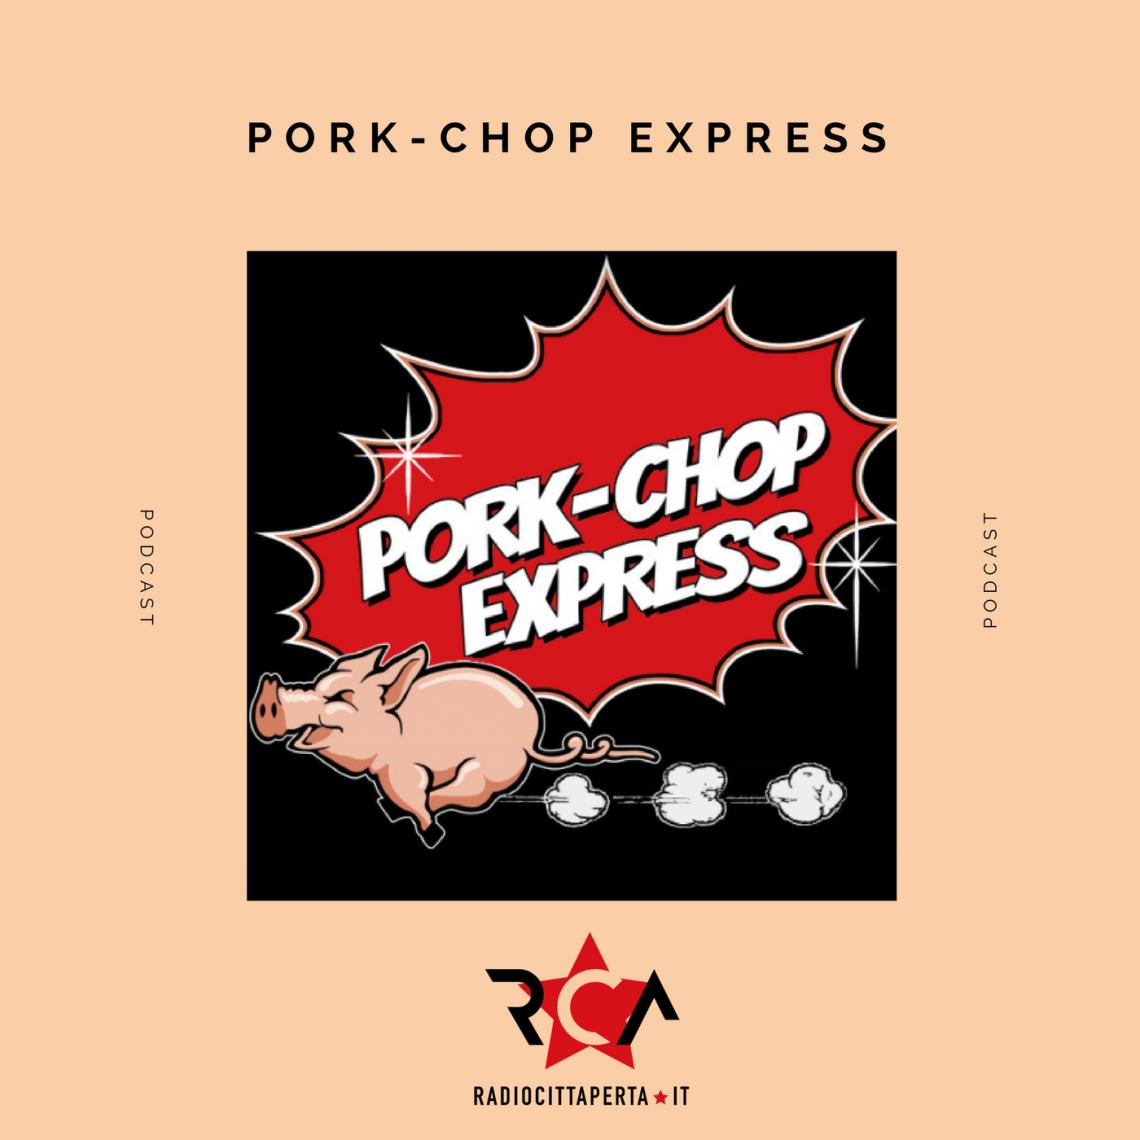 PORK-CHOP EXPRESS con FRANCESCO DI GIUGNO e MASSIMILIANO MONTENZ del 08-01-2018